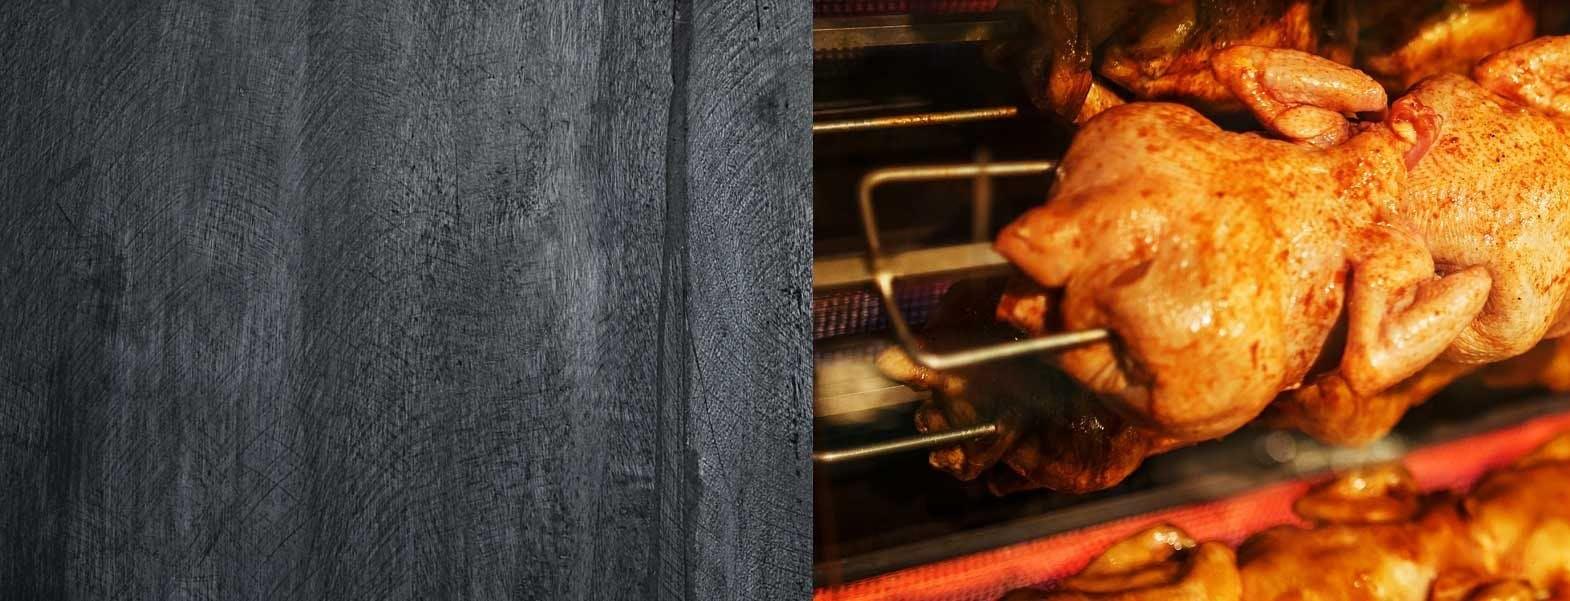 Rotisserie Chicken at Peri Peri Chicken